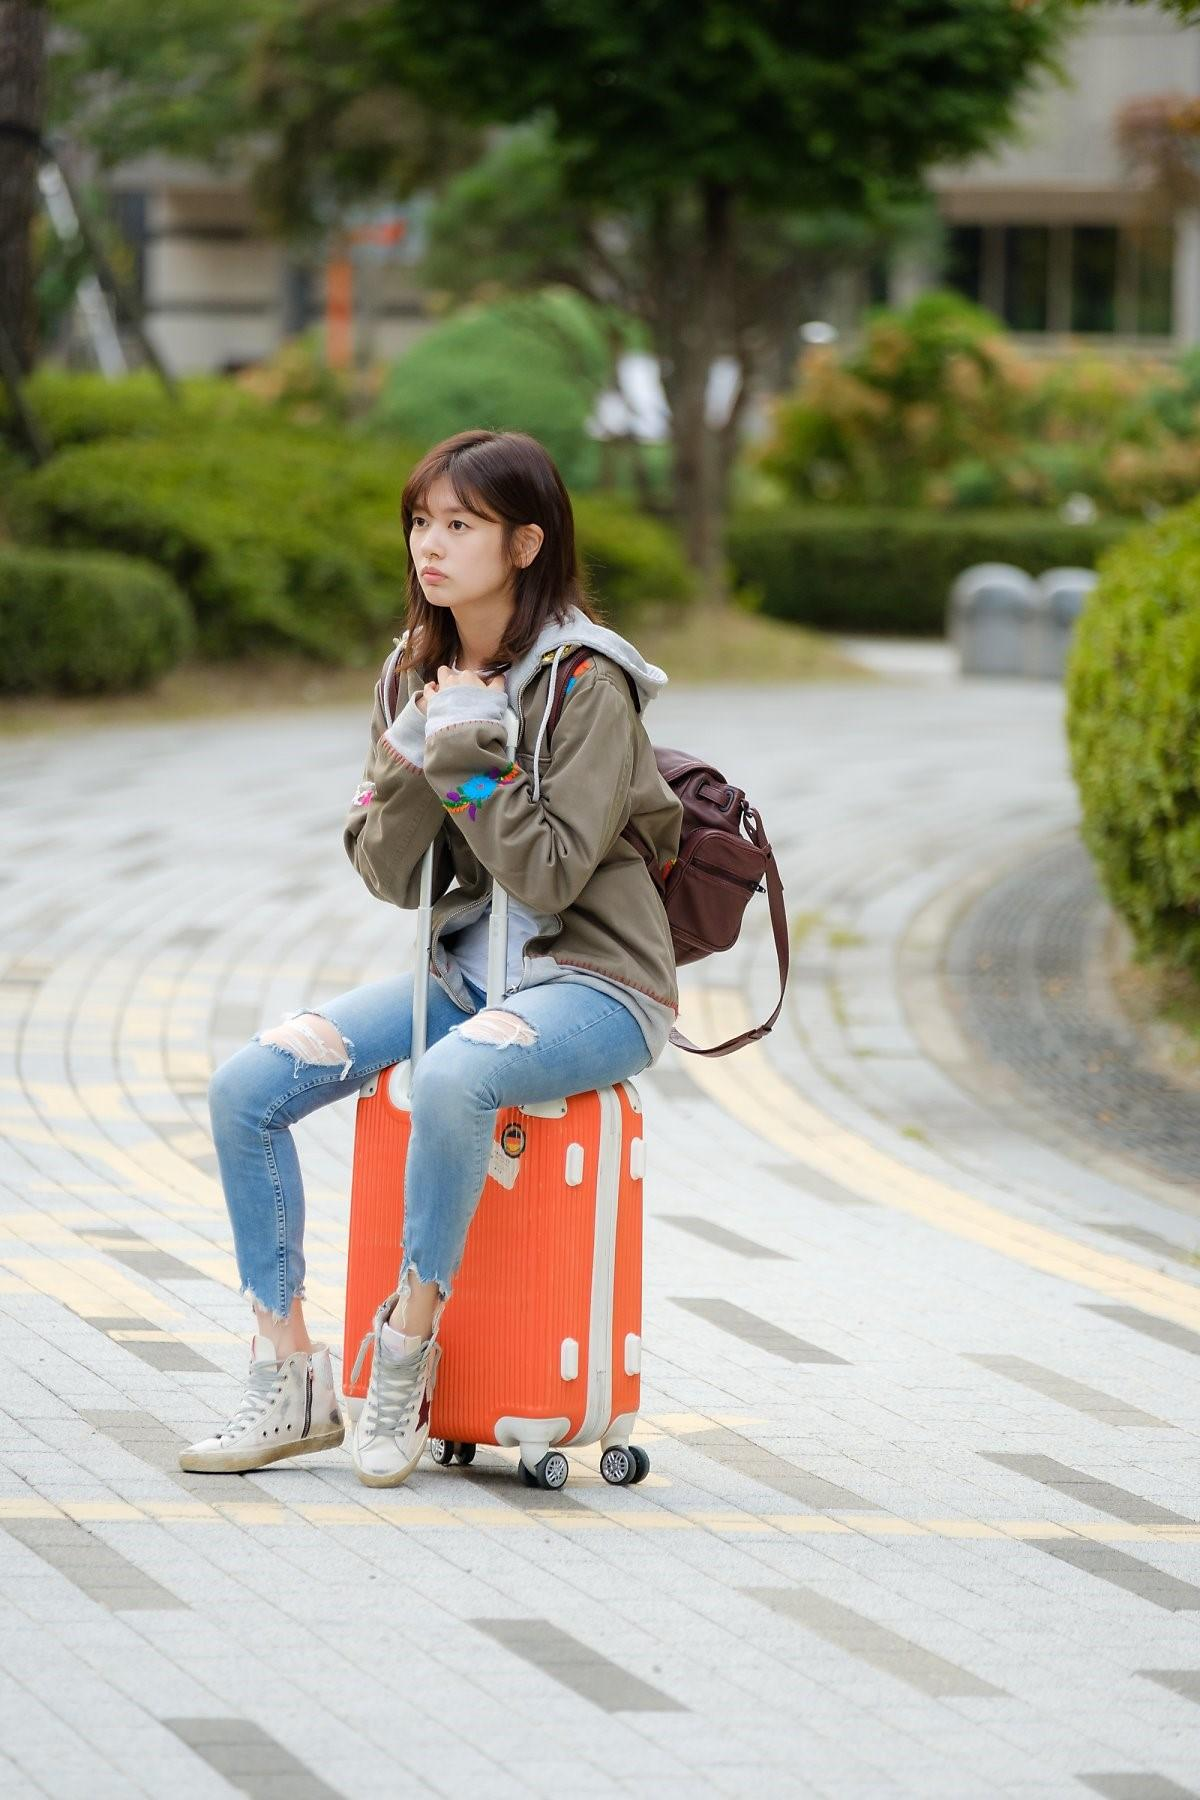 擁有高學歷的女主角一事無成,30歲仍租不起房子。(愛奇藝台灣站提供)